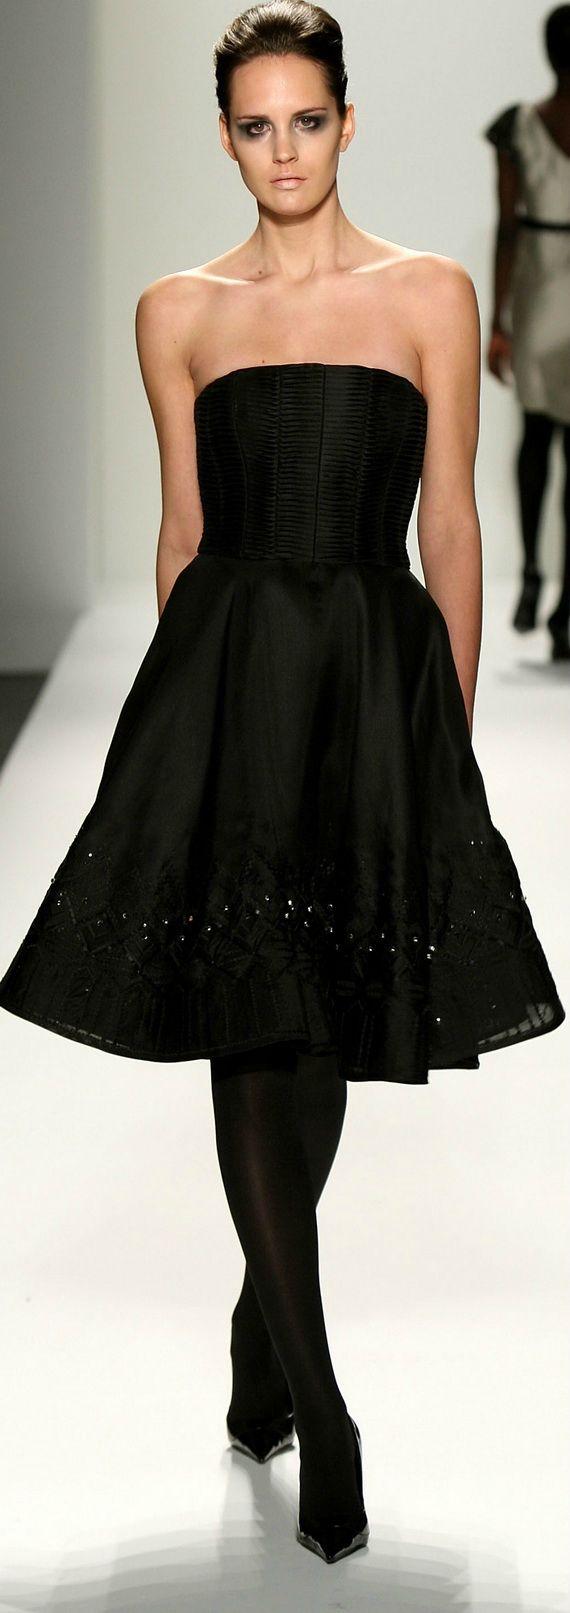 25  best ideas about Chanel Little Black Dress on Pinterest ...